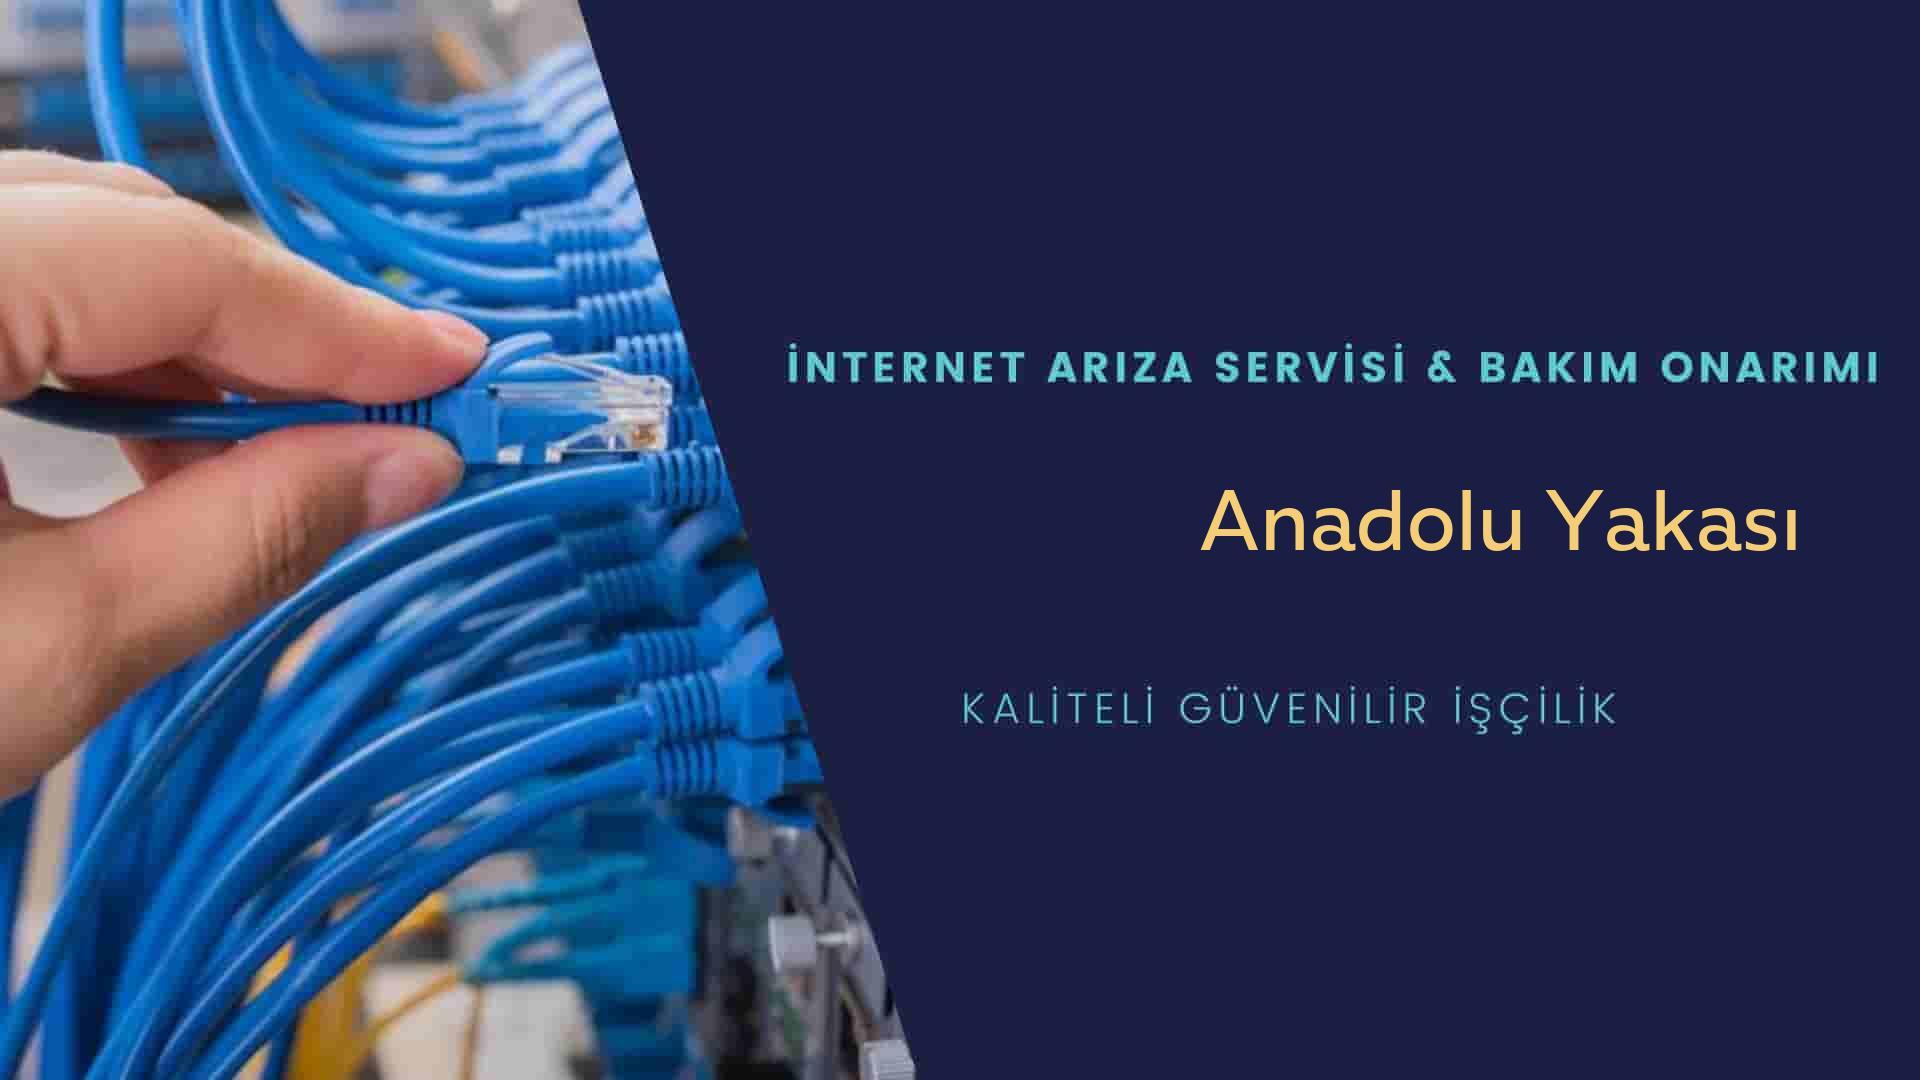 Anadolu Yakası internet kablosu çekimi yapan yerler veya elektrikçiler mi? arıyorsunuz doğru yerdesiniz o zaman sizlere 7/24 yardımcı olacak profesyonel ustalarımız bir telefon kadar yakındır size.